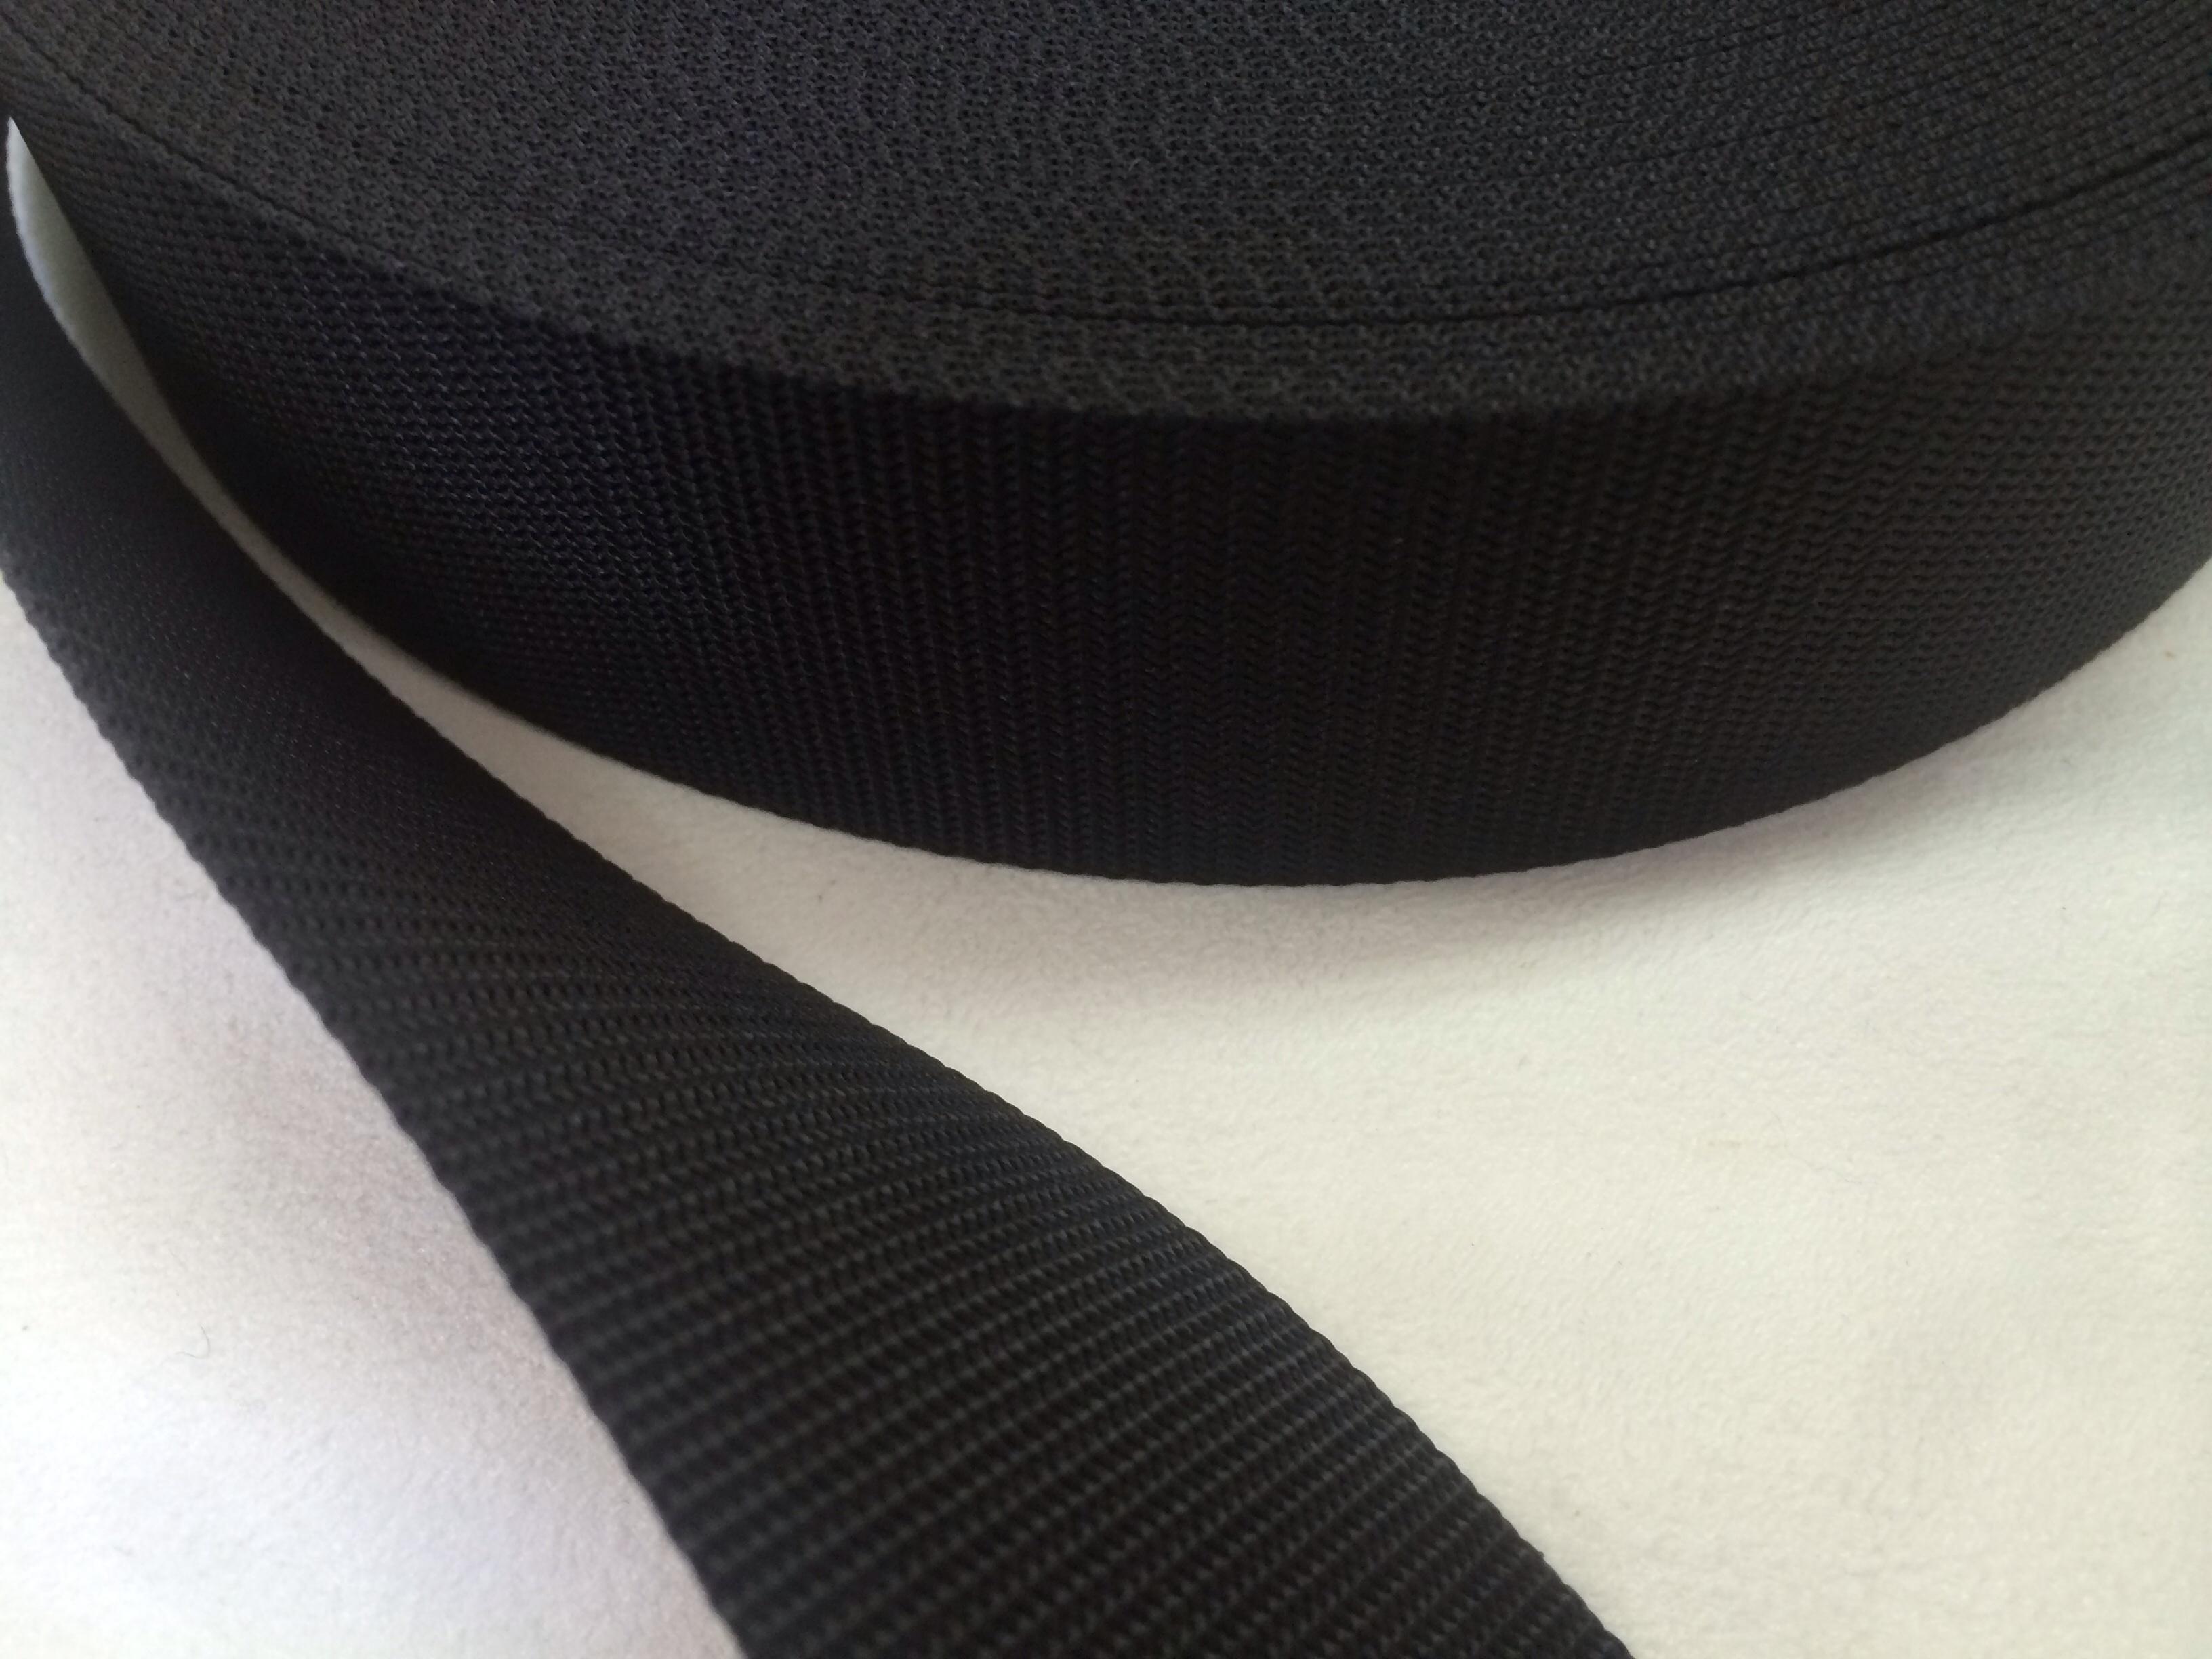 ナイロン 4本トジ織 38㎜幅 黒 5m単位